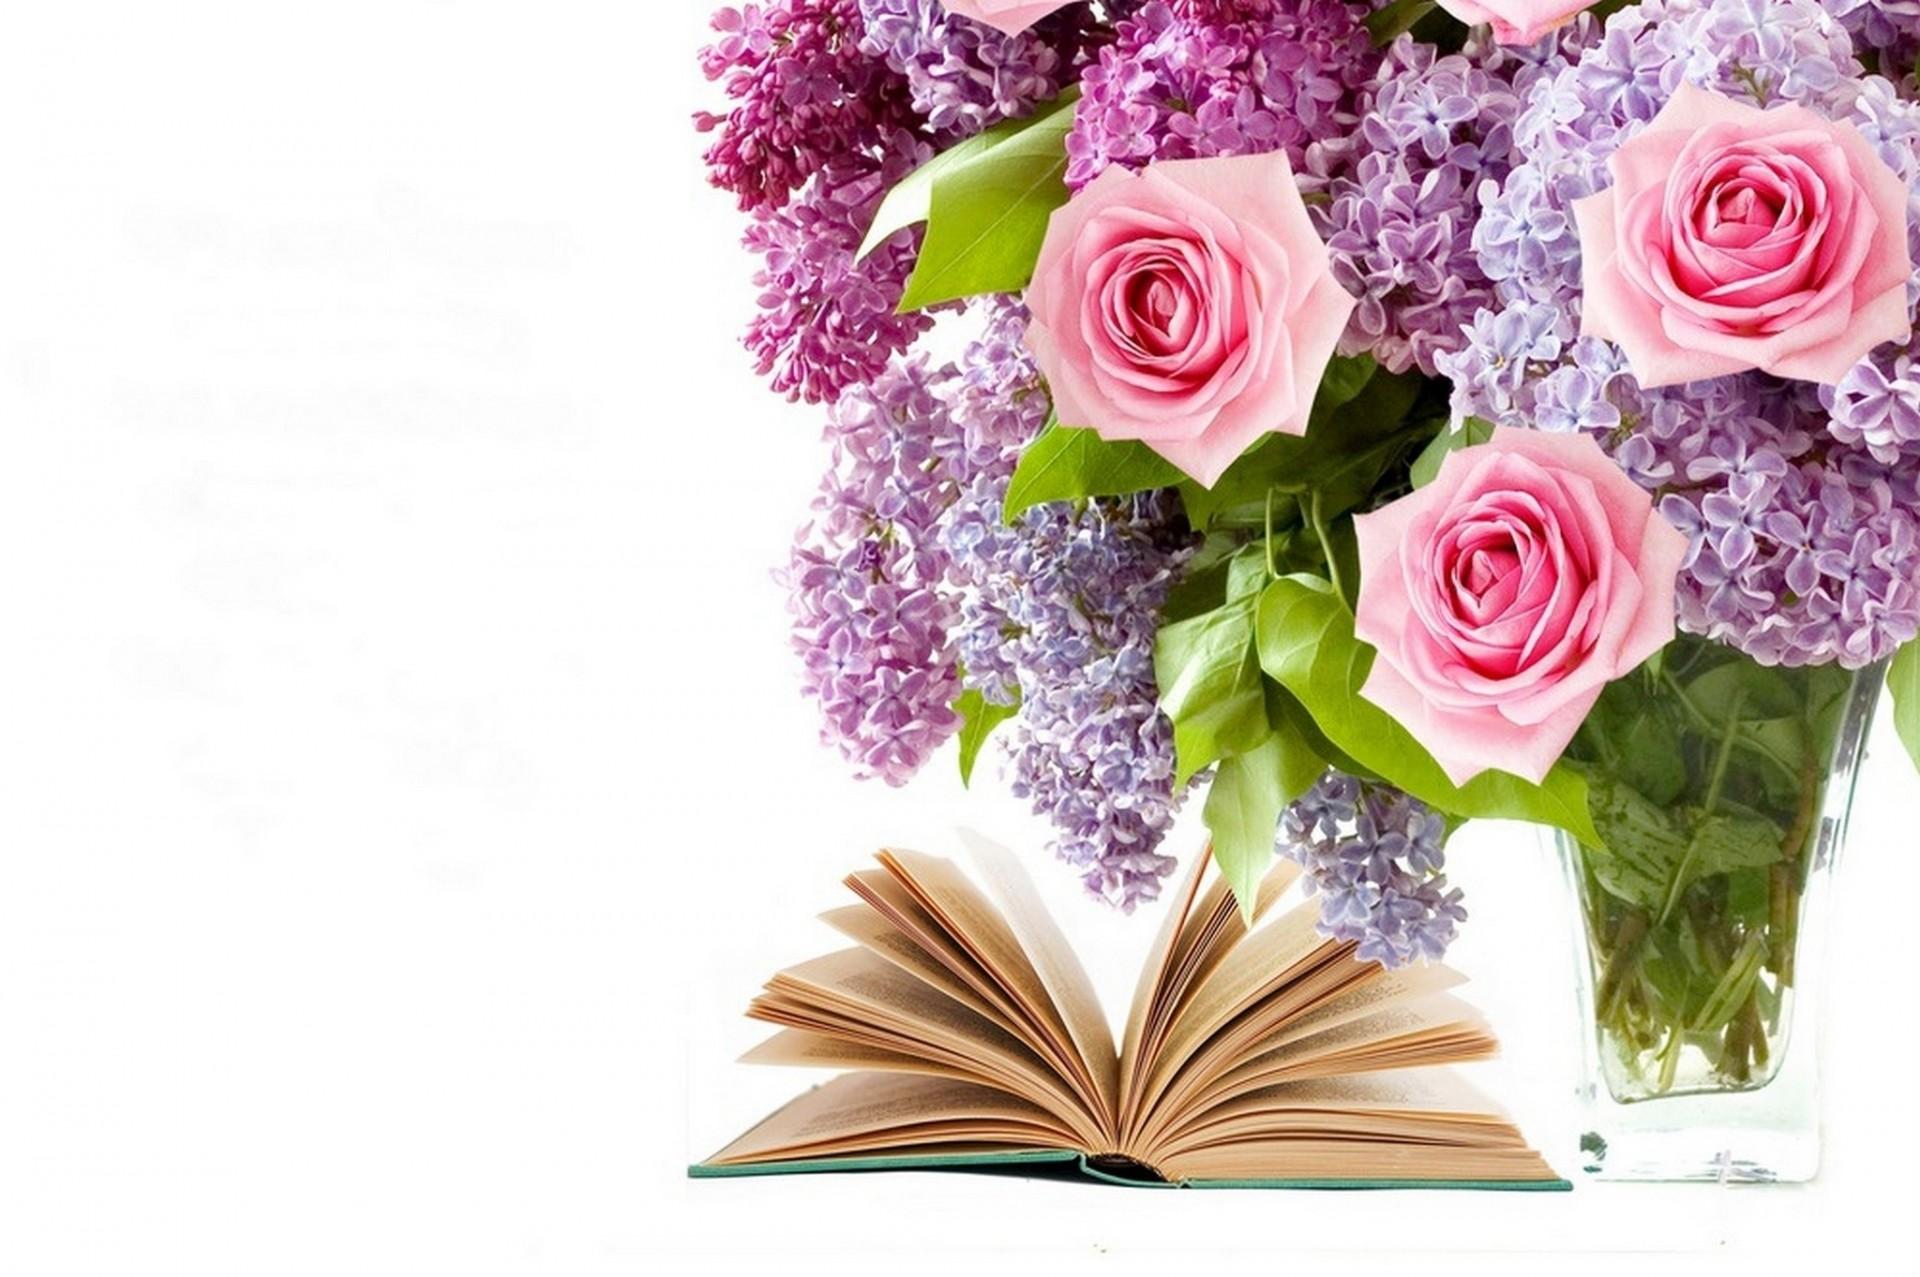 Открытка с днем учителя цветы на книге